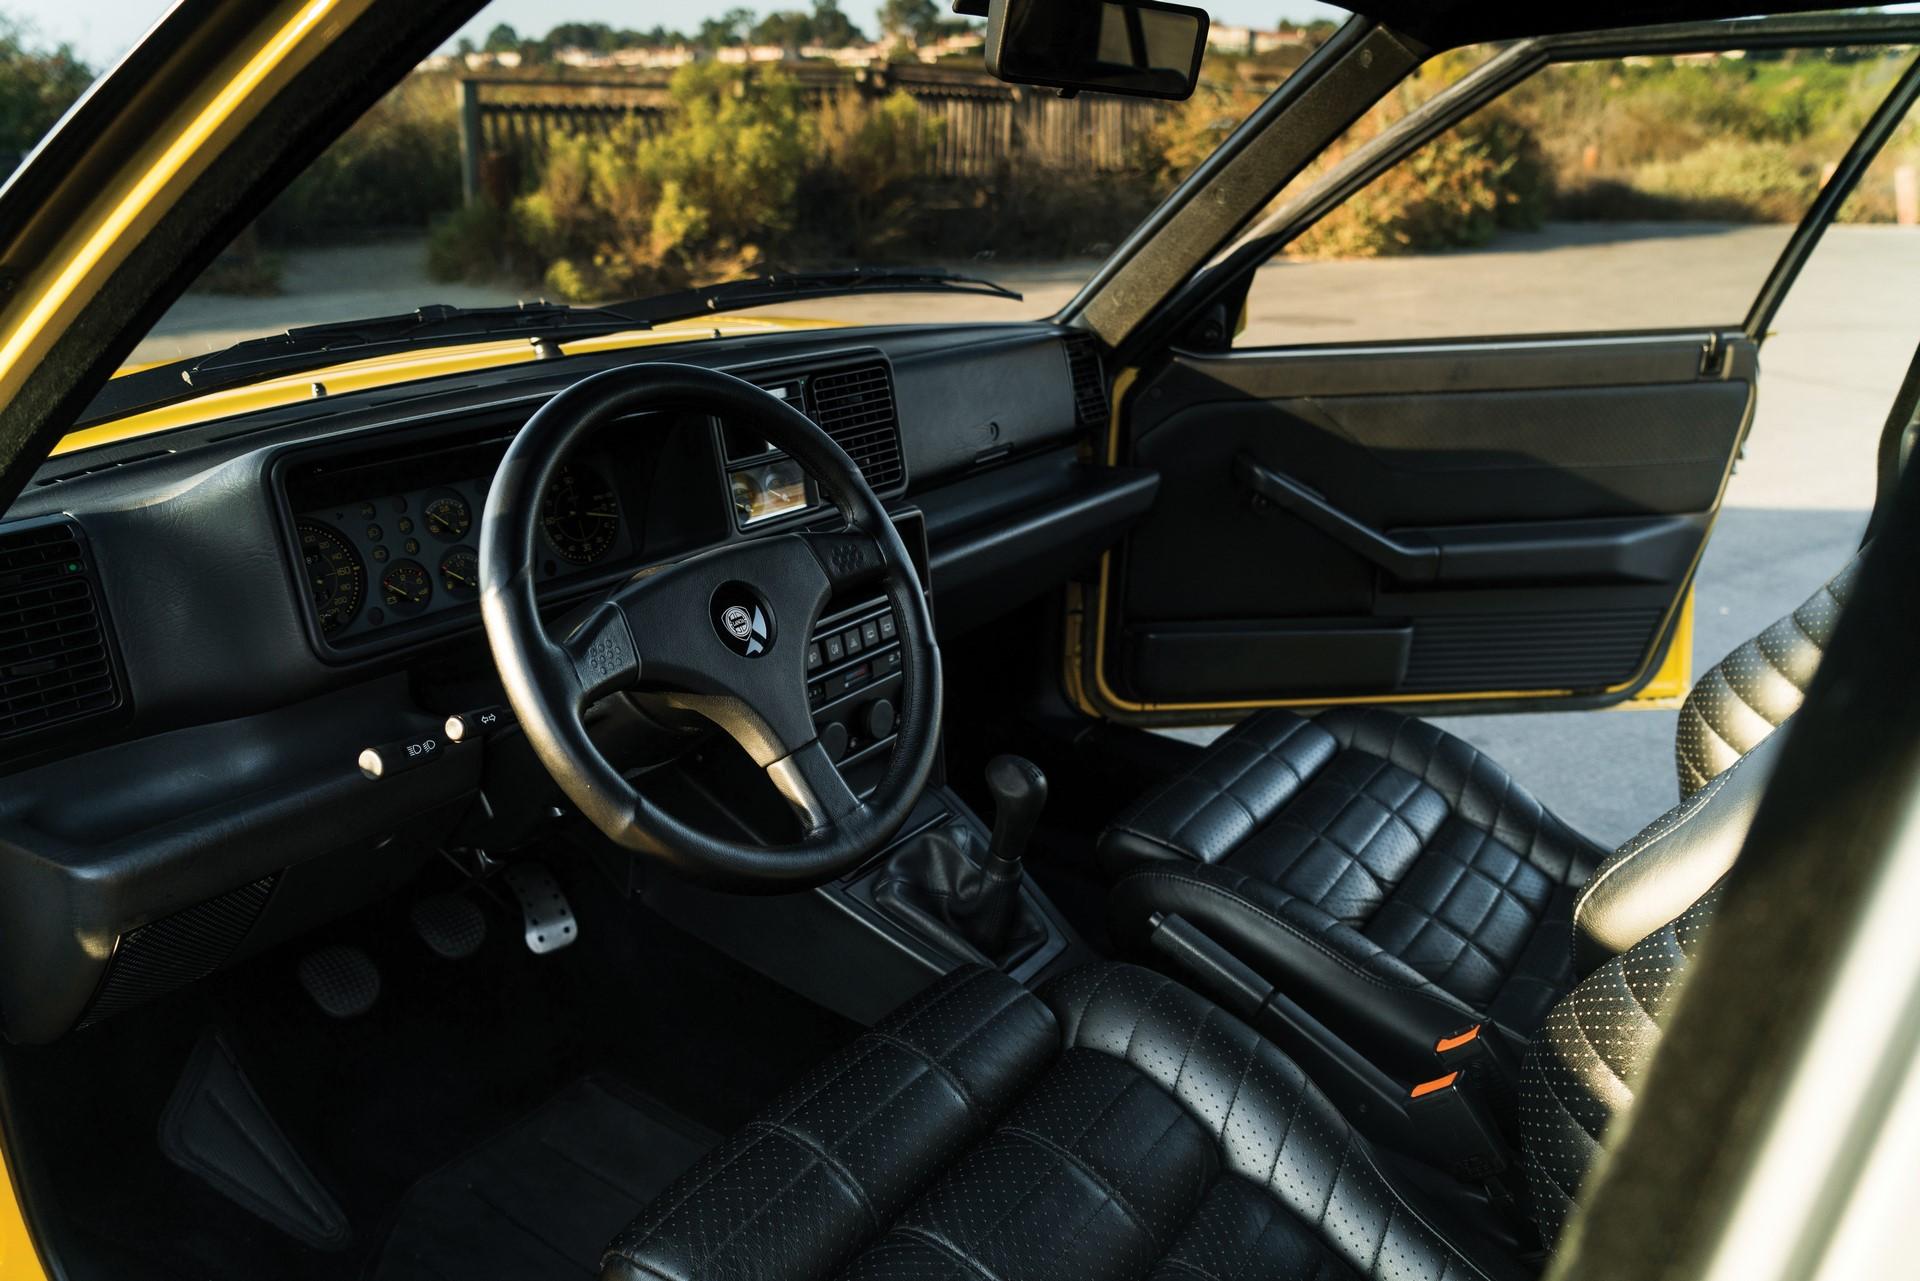 Lancia Delta HF Integrale Evoluzione 1992 (9)